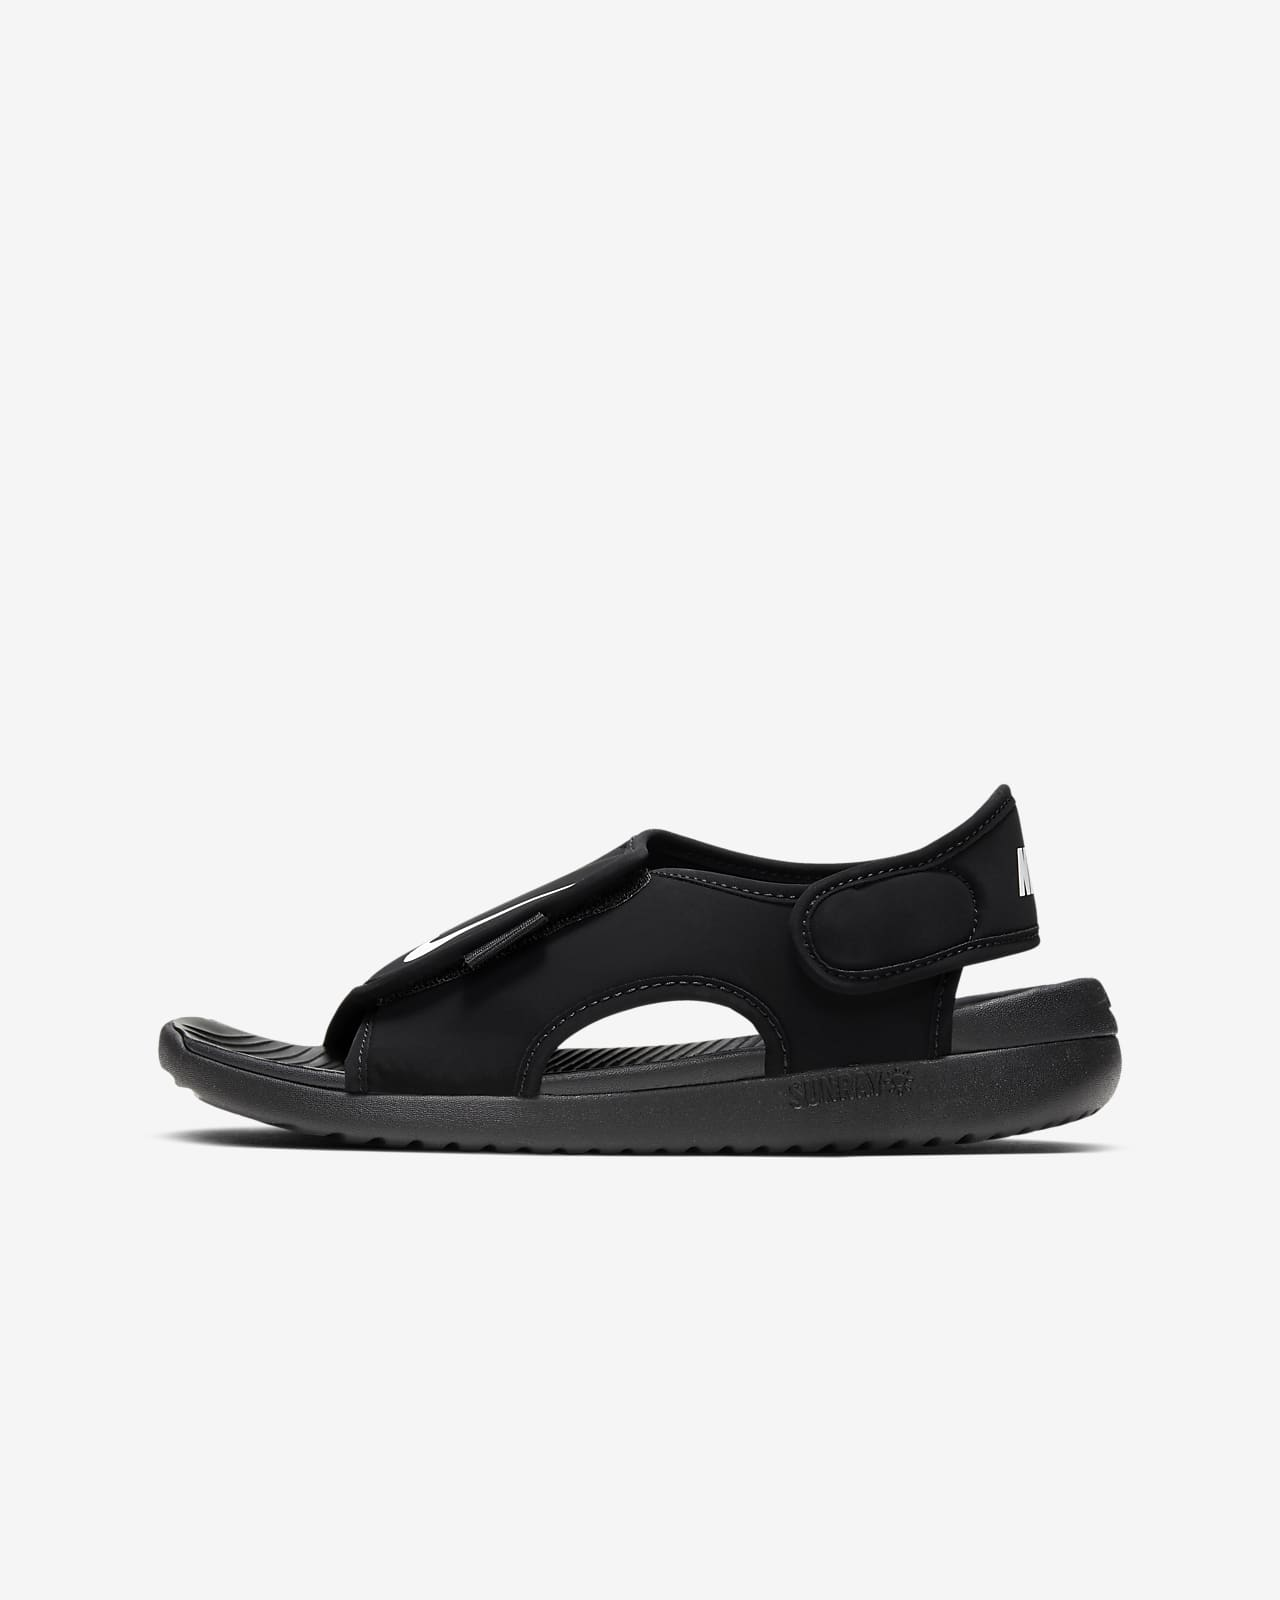 Nike Sunray Adjust 5 V2 (GS/PS) 幼童/大童凉鞋